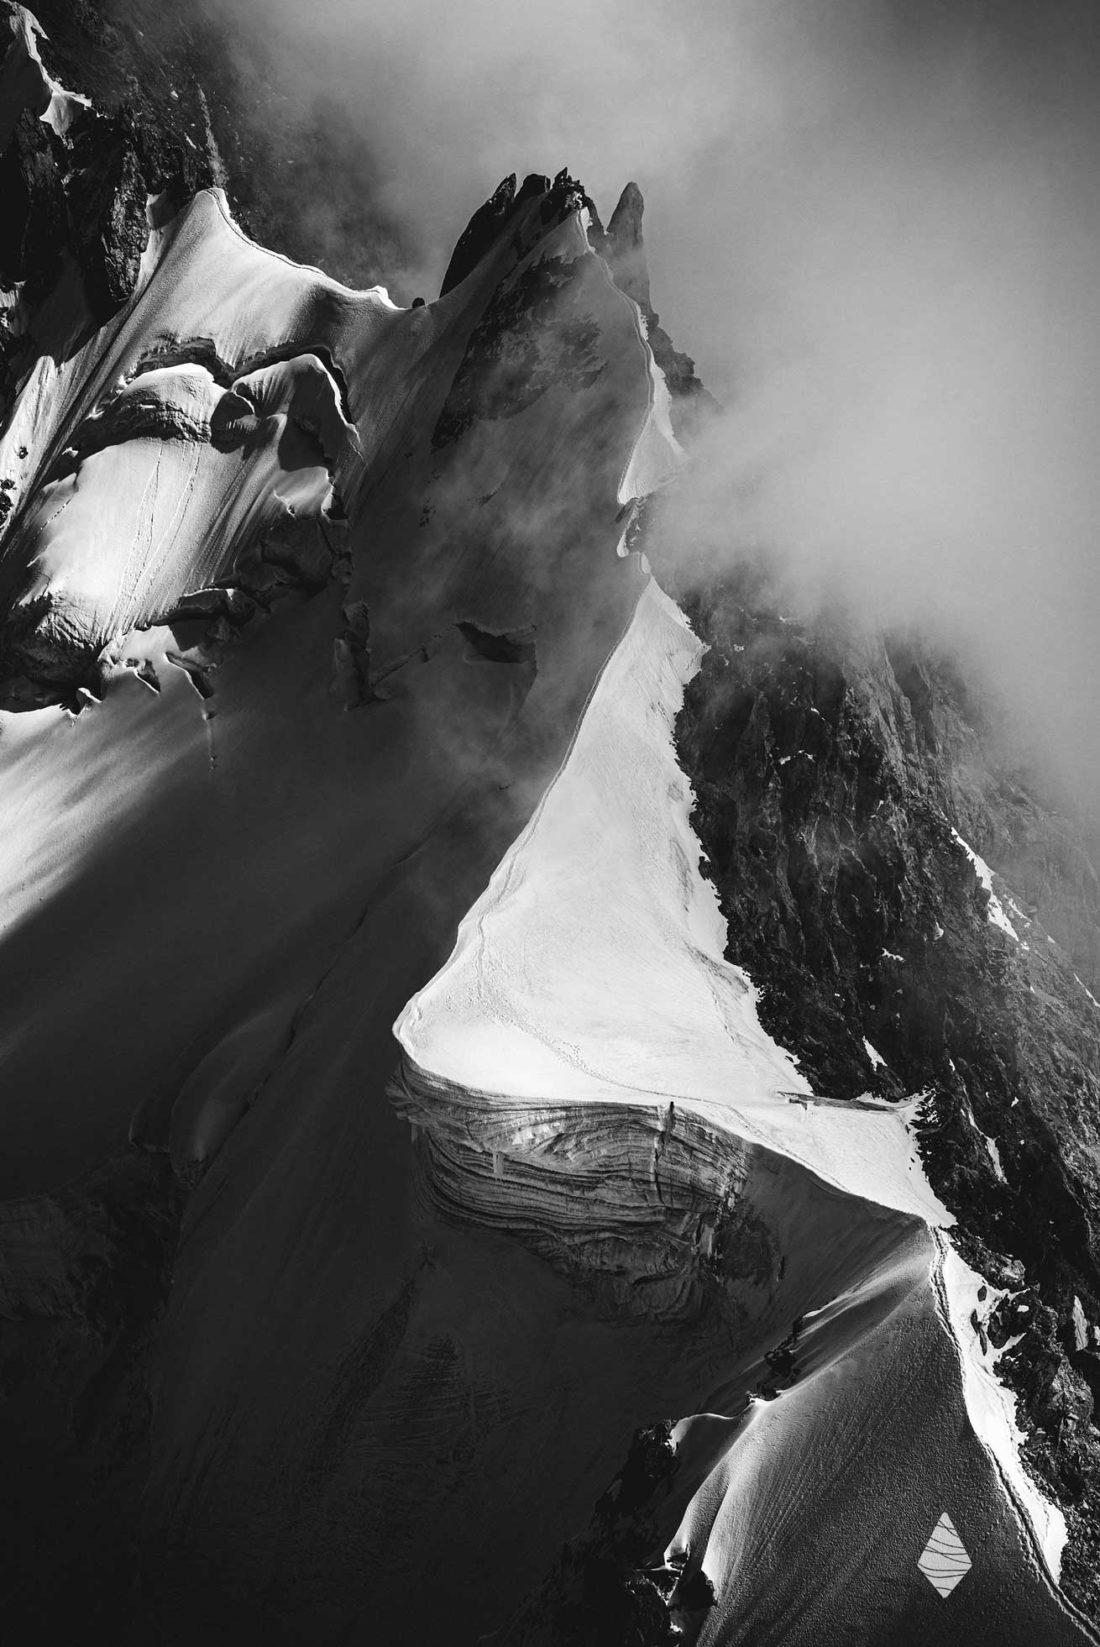 Photo en noir et blanc des Arêtes de Rochefort dans le Massif du Mont-Blanc